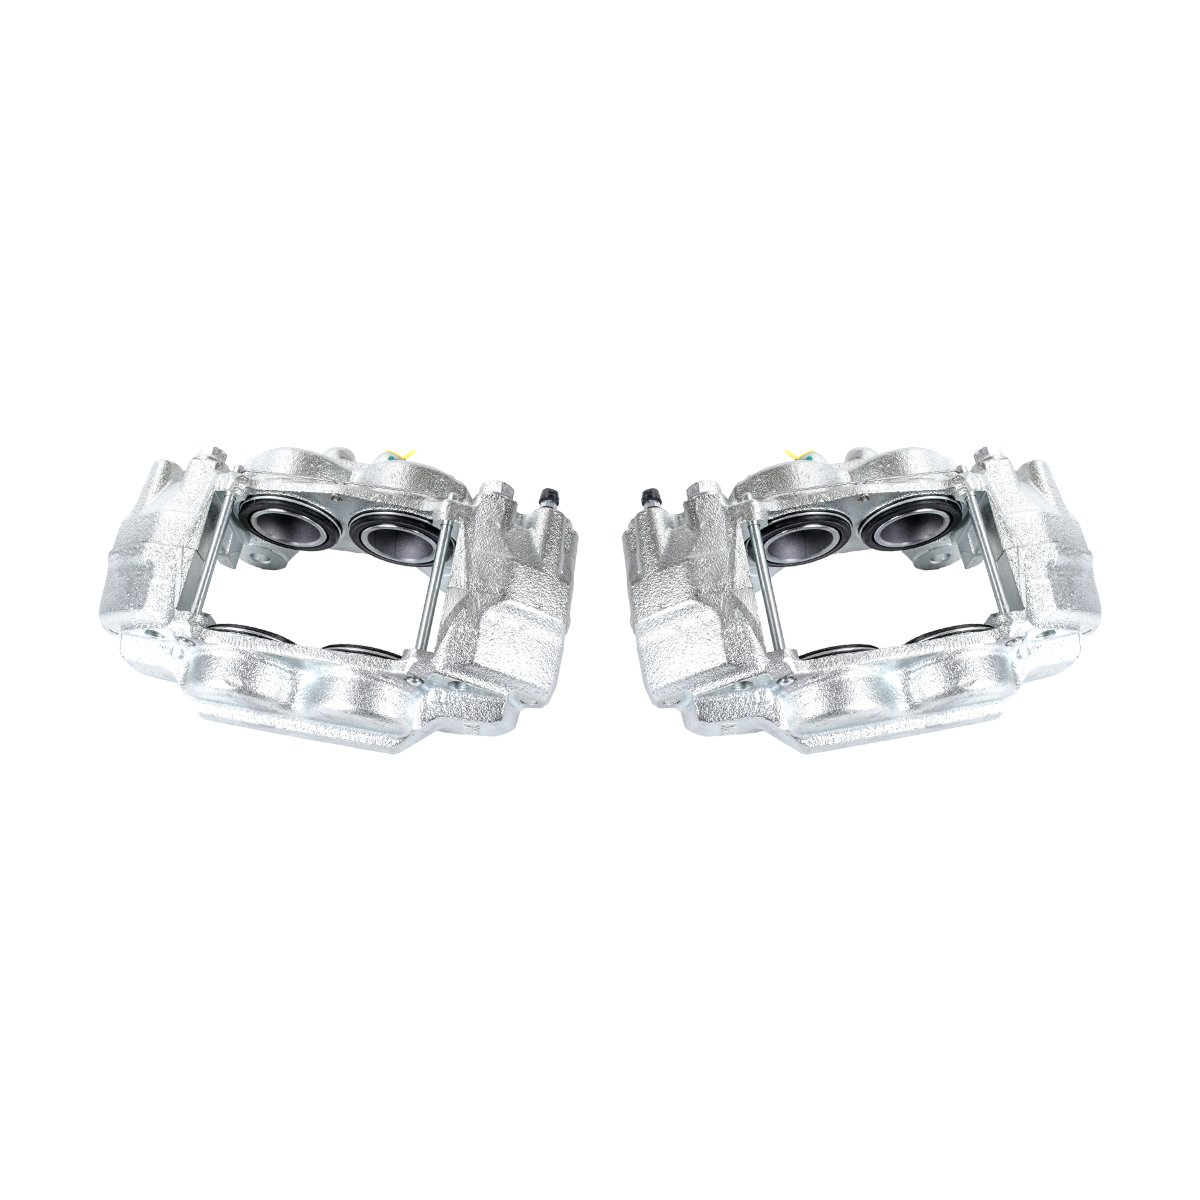 Callahan CCK04105 [2] FRONT Premium Semi-Loaded Original Caliper Pair + Hardware Brake Kit Callahan Brake Parts